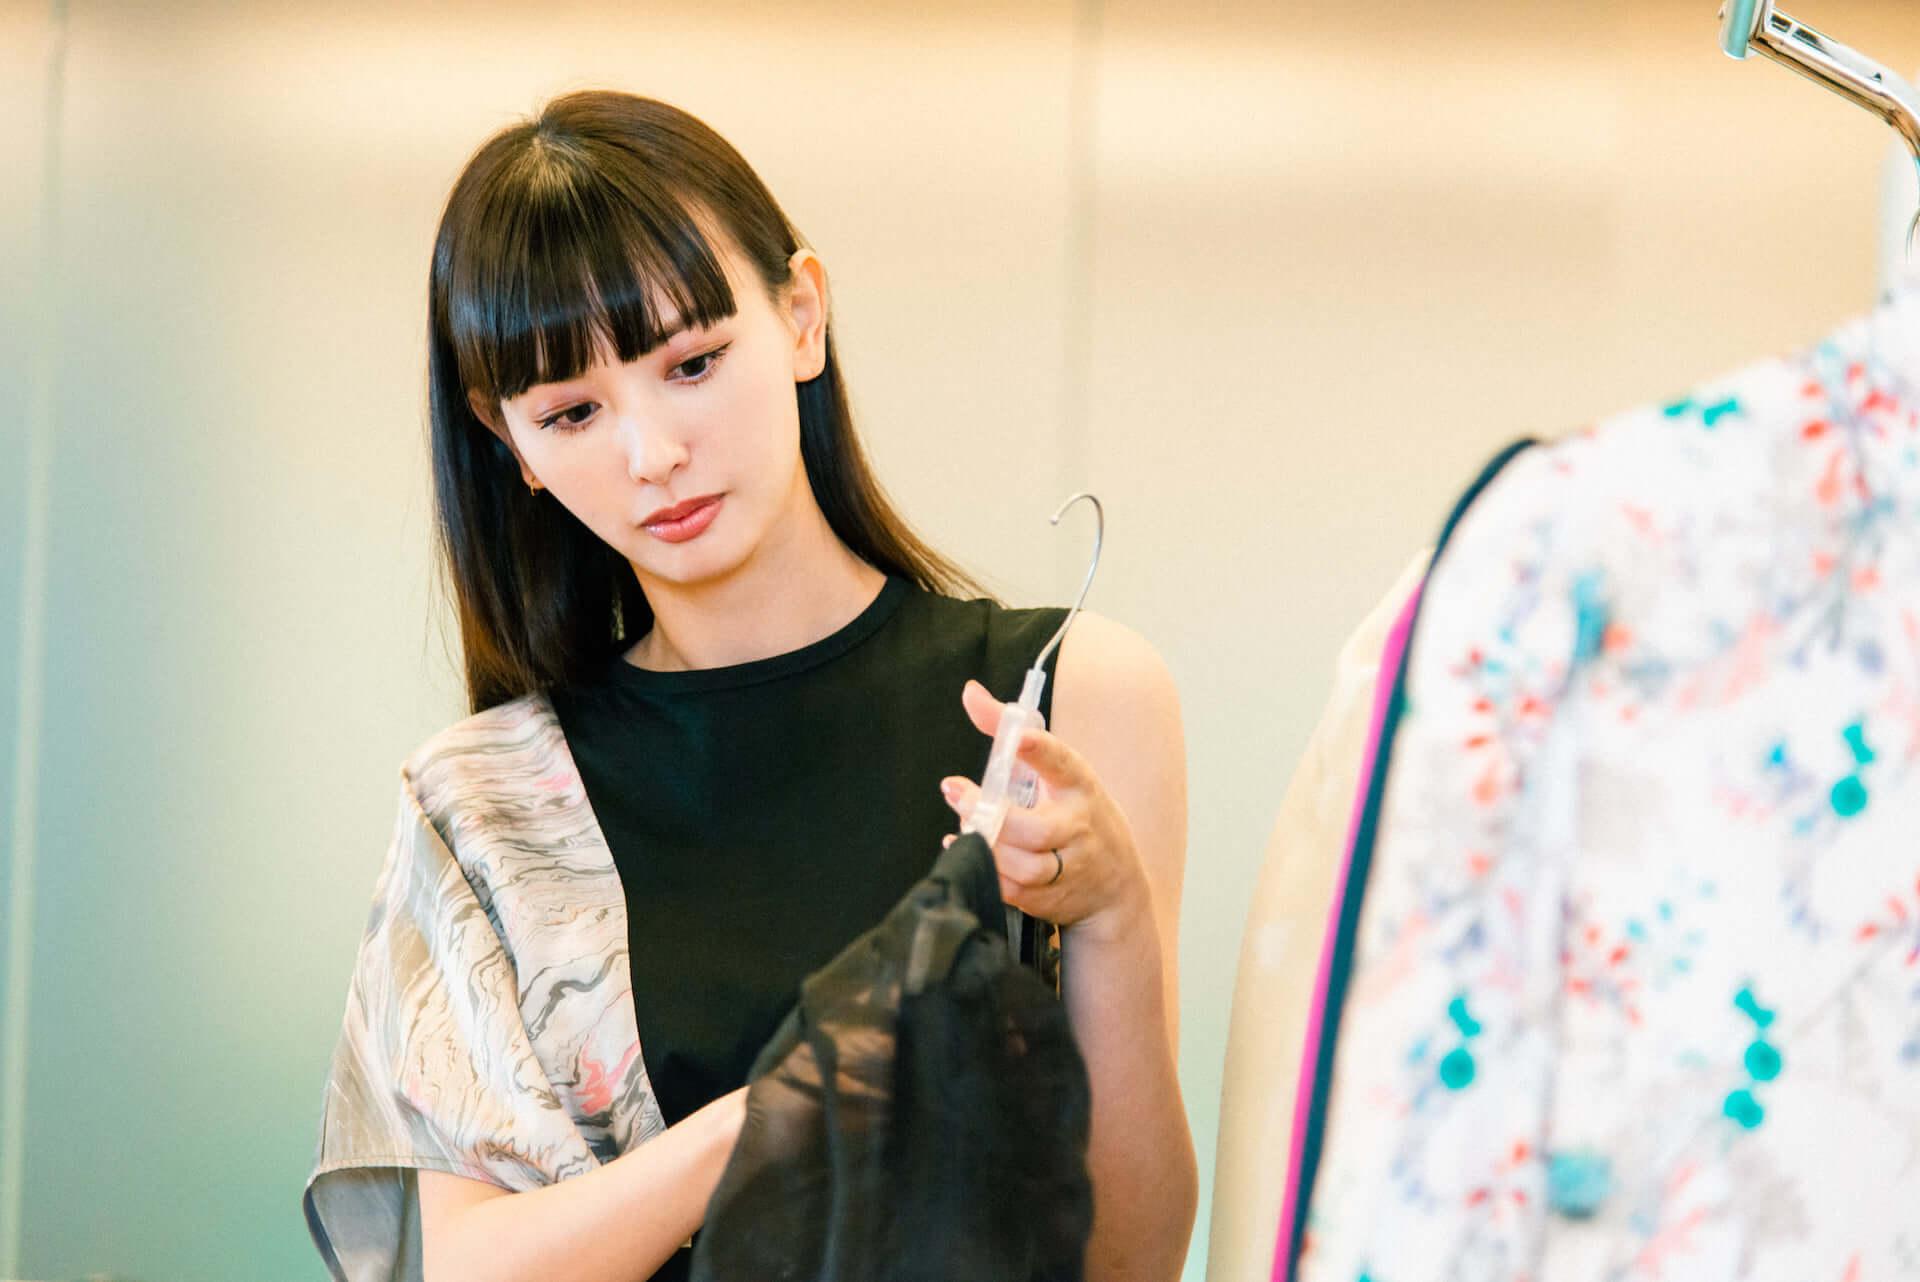 Amazon Fashionの新プログラム「The Drop」から鈴木えみが手がけるコレクションがローンチ!デザイナーとしての素顔に迫る interview1008_emisuzuki_3526-Edit-fix-1920x1282